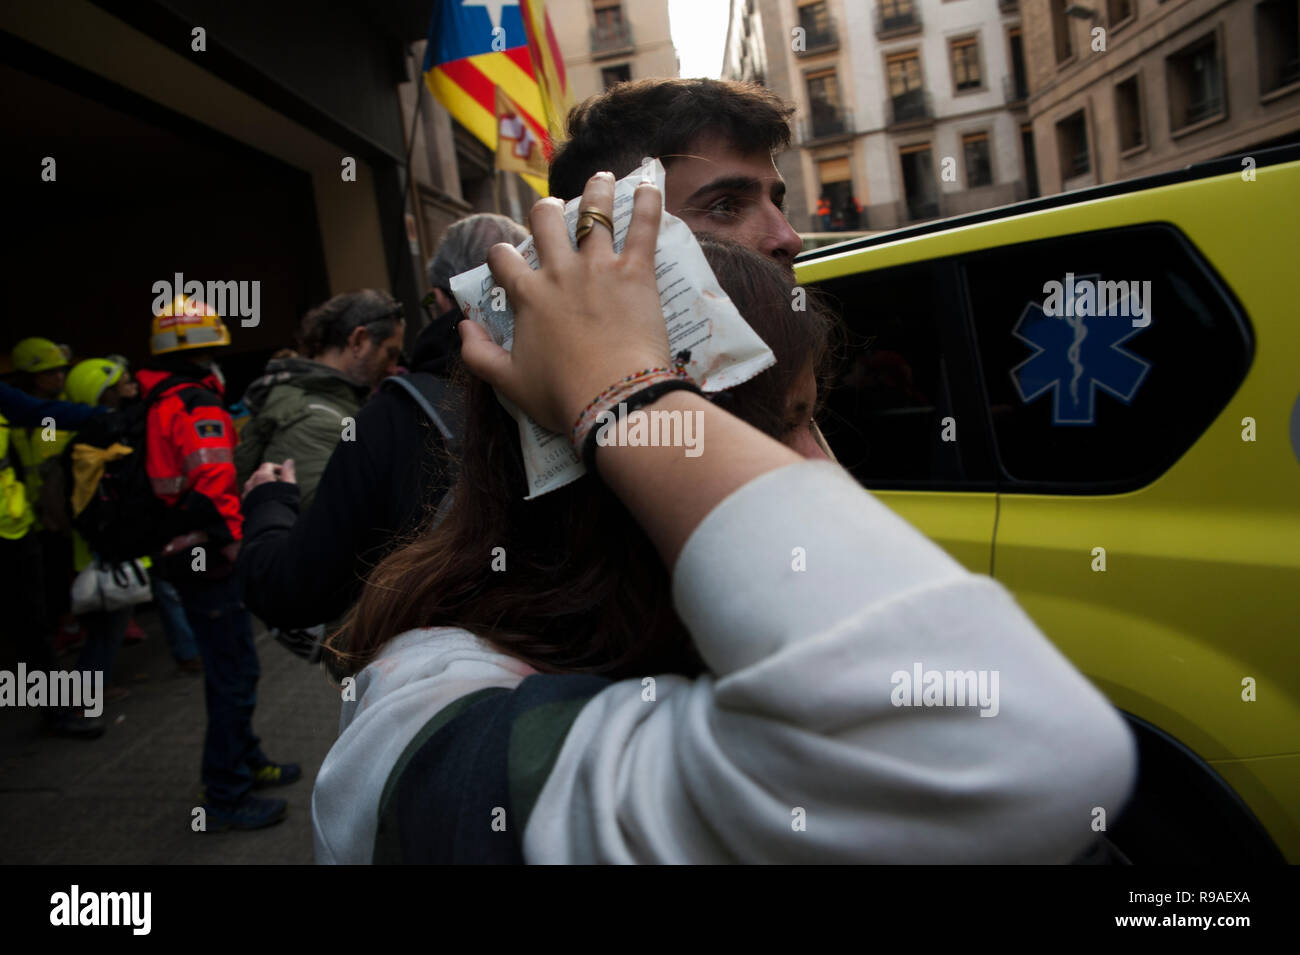 21 Décembre, 2018 de Barcelone. Militants Catalan en faveur de l'indépendance protester devant le bâtiment de la 'Llotja de Mar' à Barcelone, où le conseil des ministres s'est réuni d'une manière extraordinaire. La réunion du Conseil des ministres aura lieu en Catalogne un an seulement après les élections régionales convoquées par le gouvernement précédent en vertu de l'article 155 de la Constitution. Charlie Perez/Alamy Live News Banque D'Images